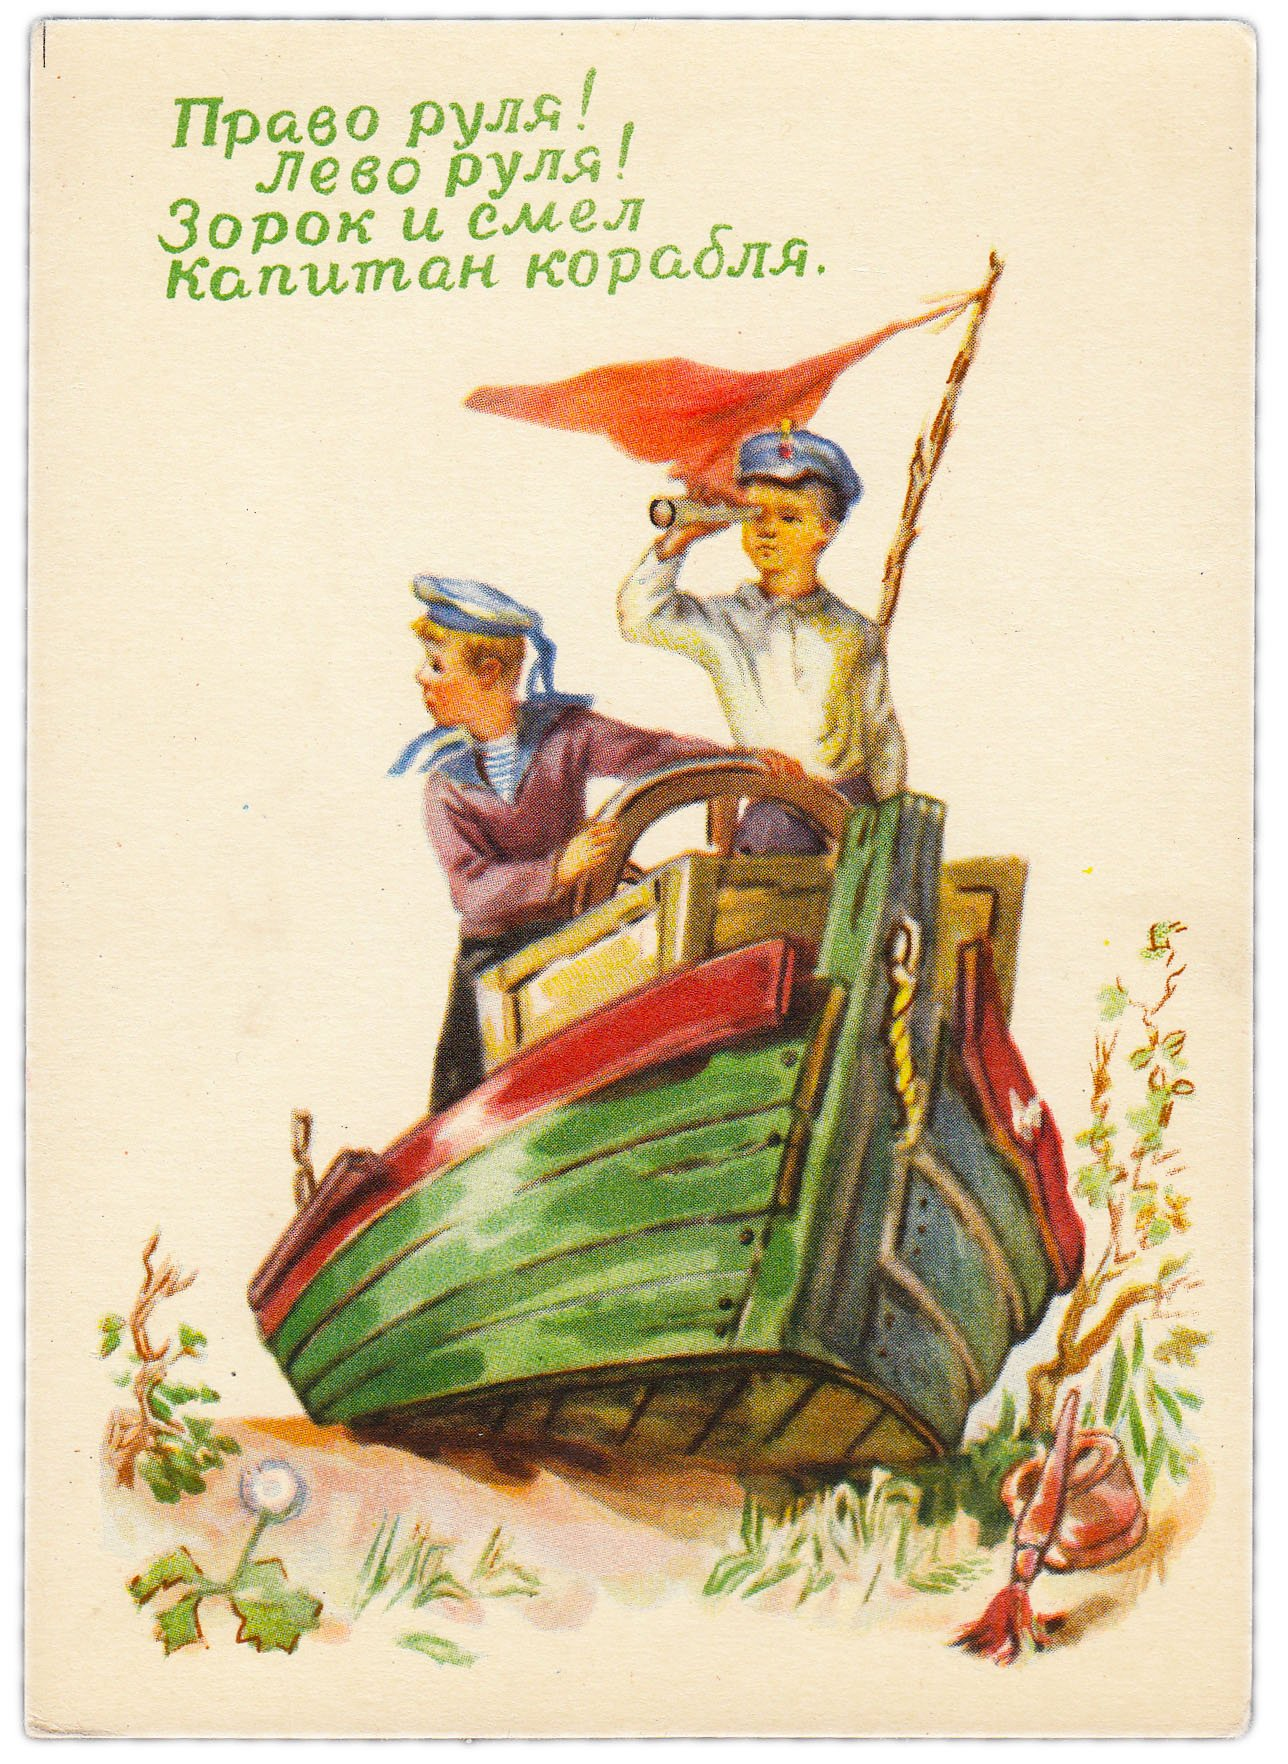 поздравление капитану корабля на юбилей ремонта